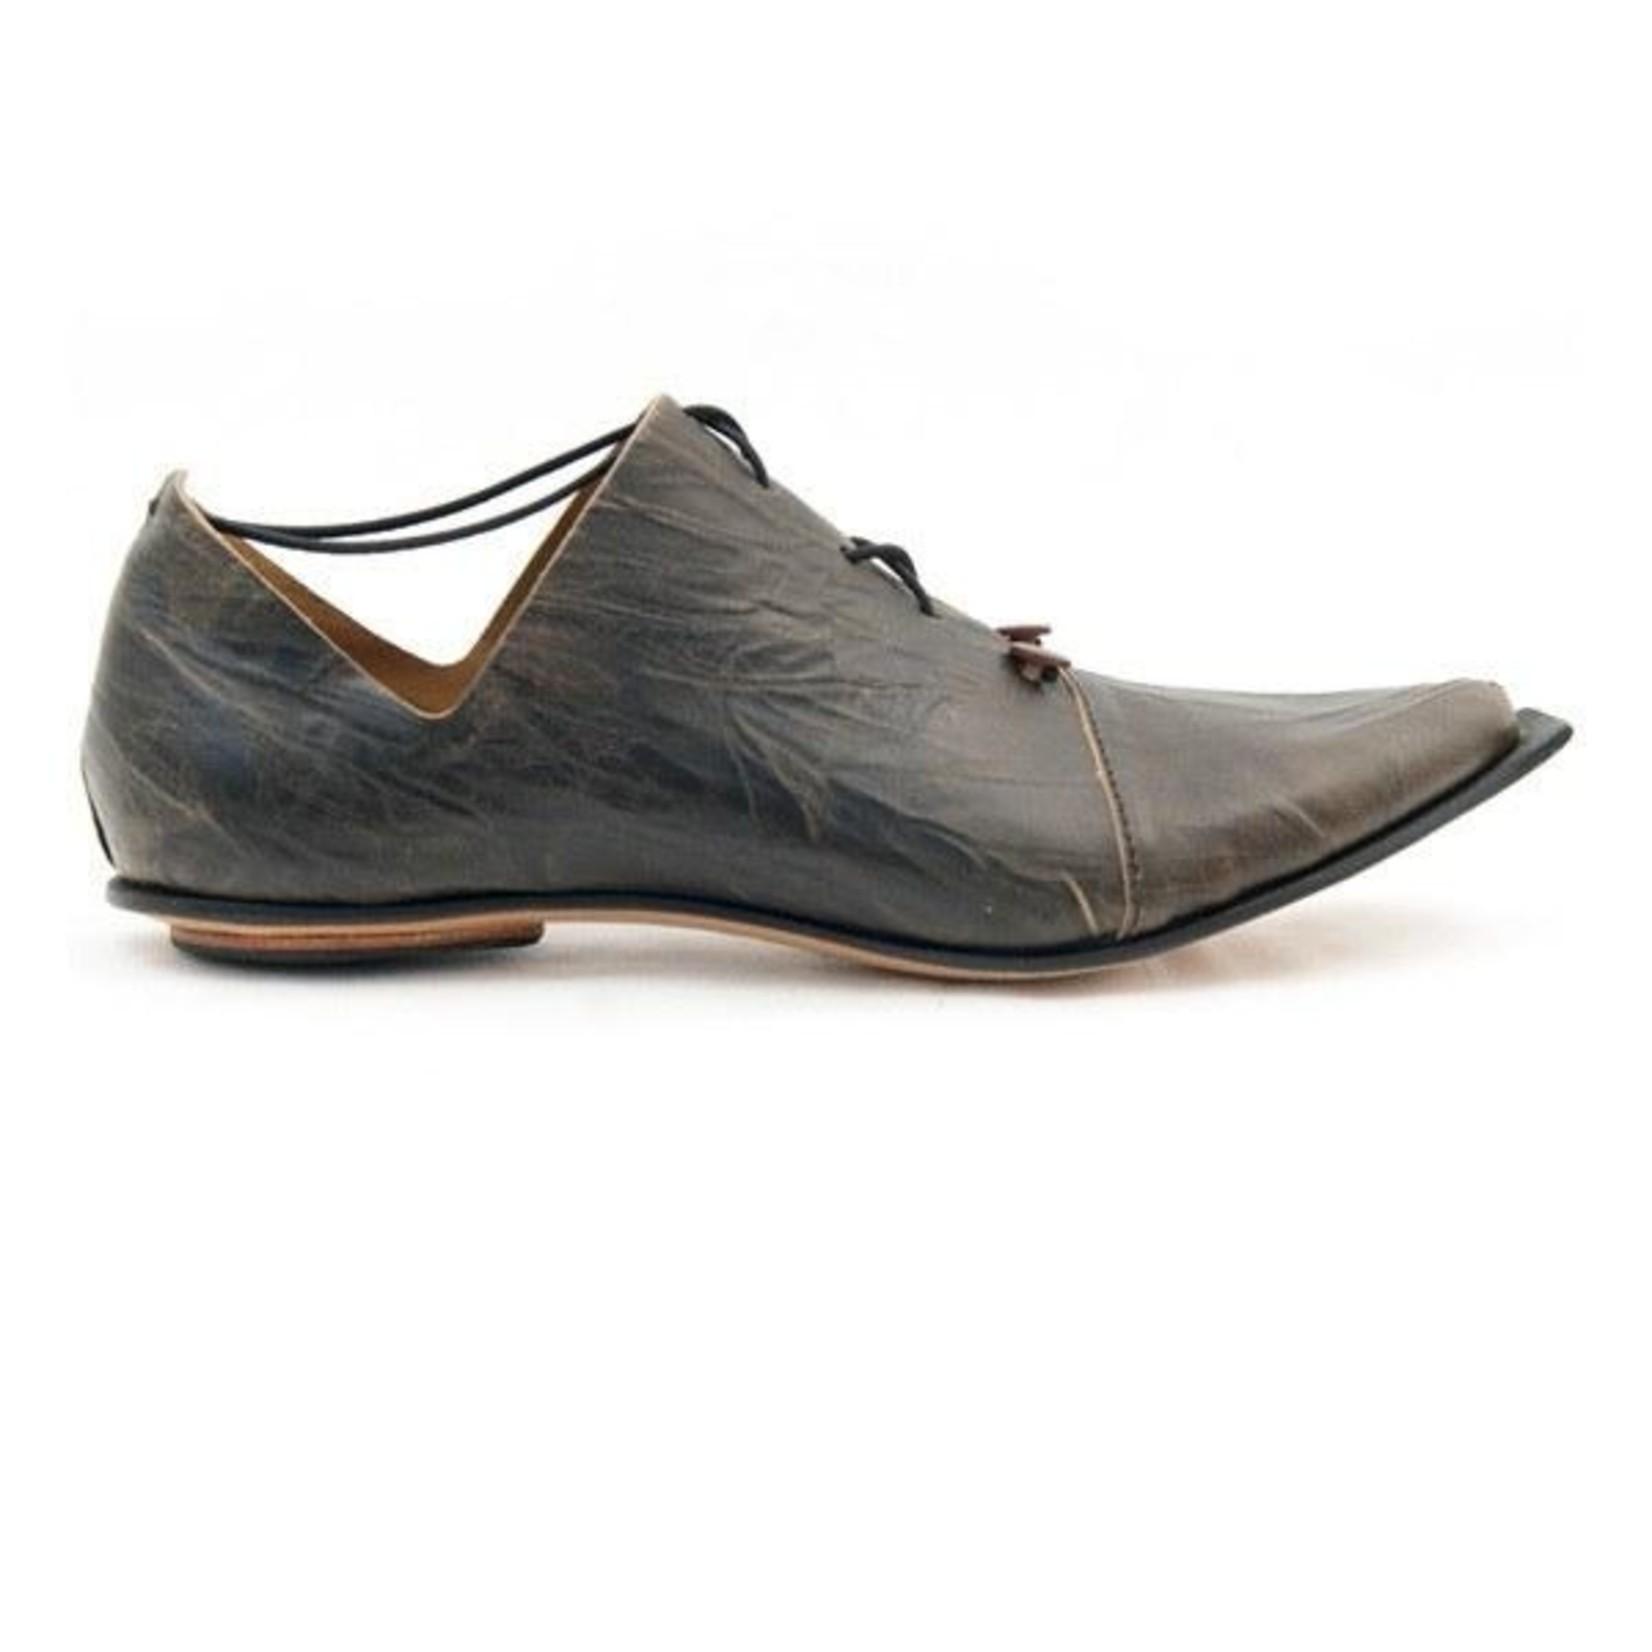 Cydwoq Final Shoe